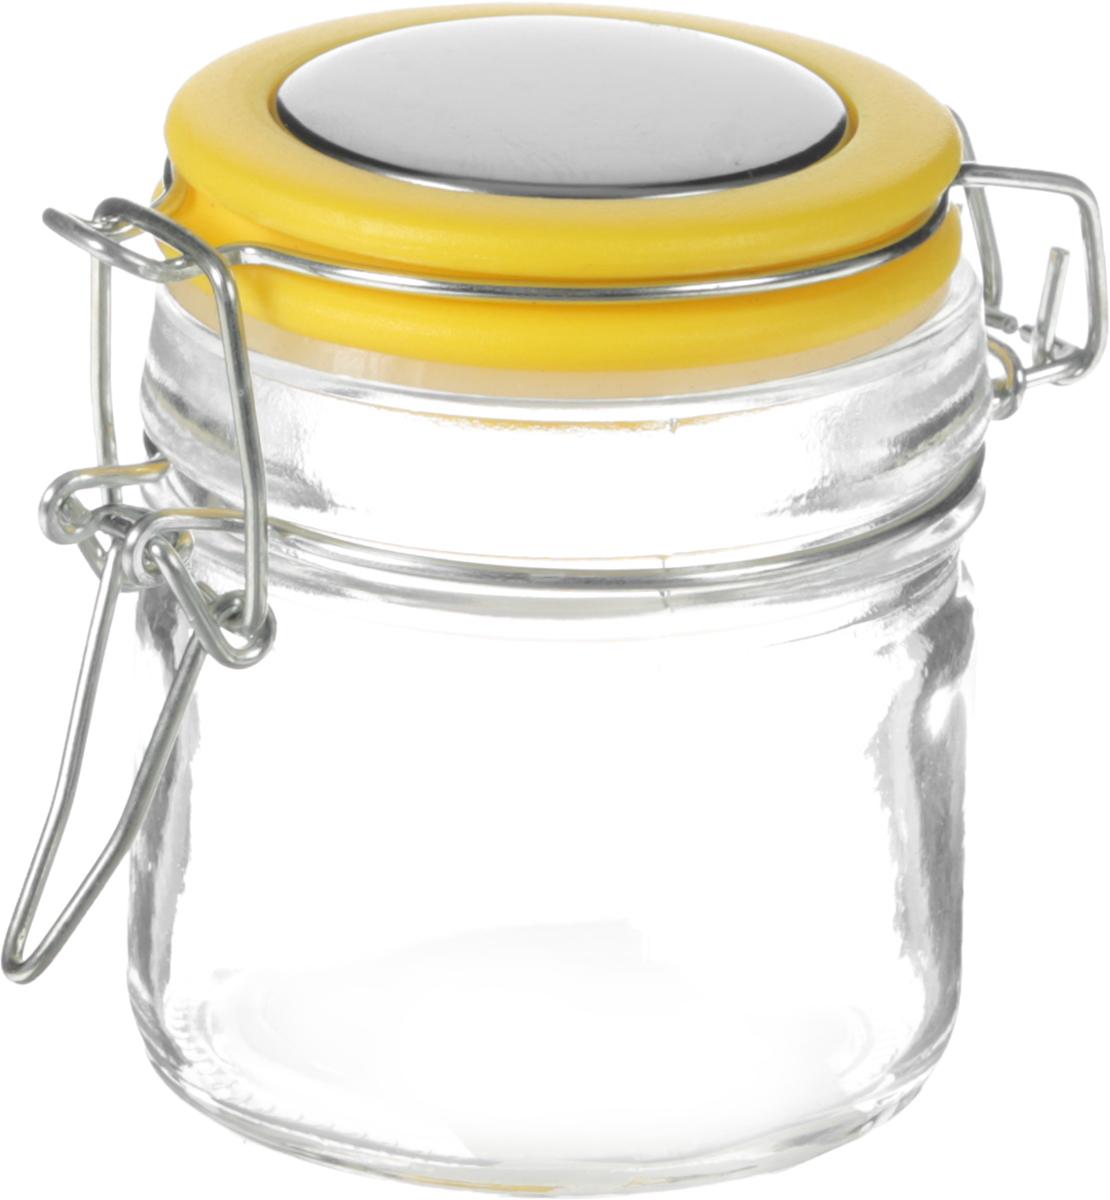 """Банка для хранения сыпучих продуктов """"Mayer & Boch"""",  выполненная из высококачественного стекла, предназначена  для хранения различных сыпучих продуктов. Пластиковая  крышка плотно и герметично закрывается с помощью  металлического зажима-клипсы, дольше сохраняя свежесть  продуктов. Такая баночка украсит любую кухню.  Диаметр банки (по верхнему краю): 6 см.  Высота банки (с учетом крышки): 7,5 см.  Объем: 100 мл."""